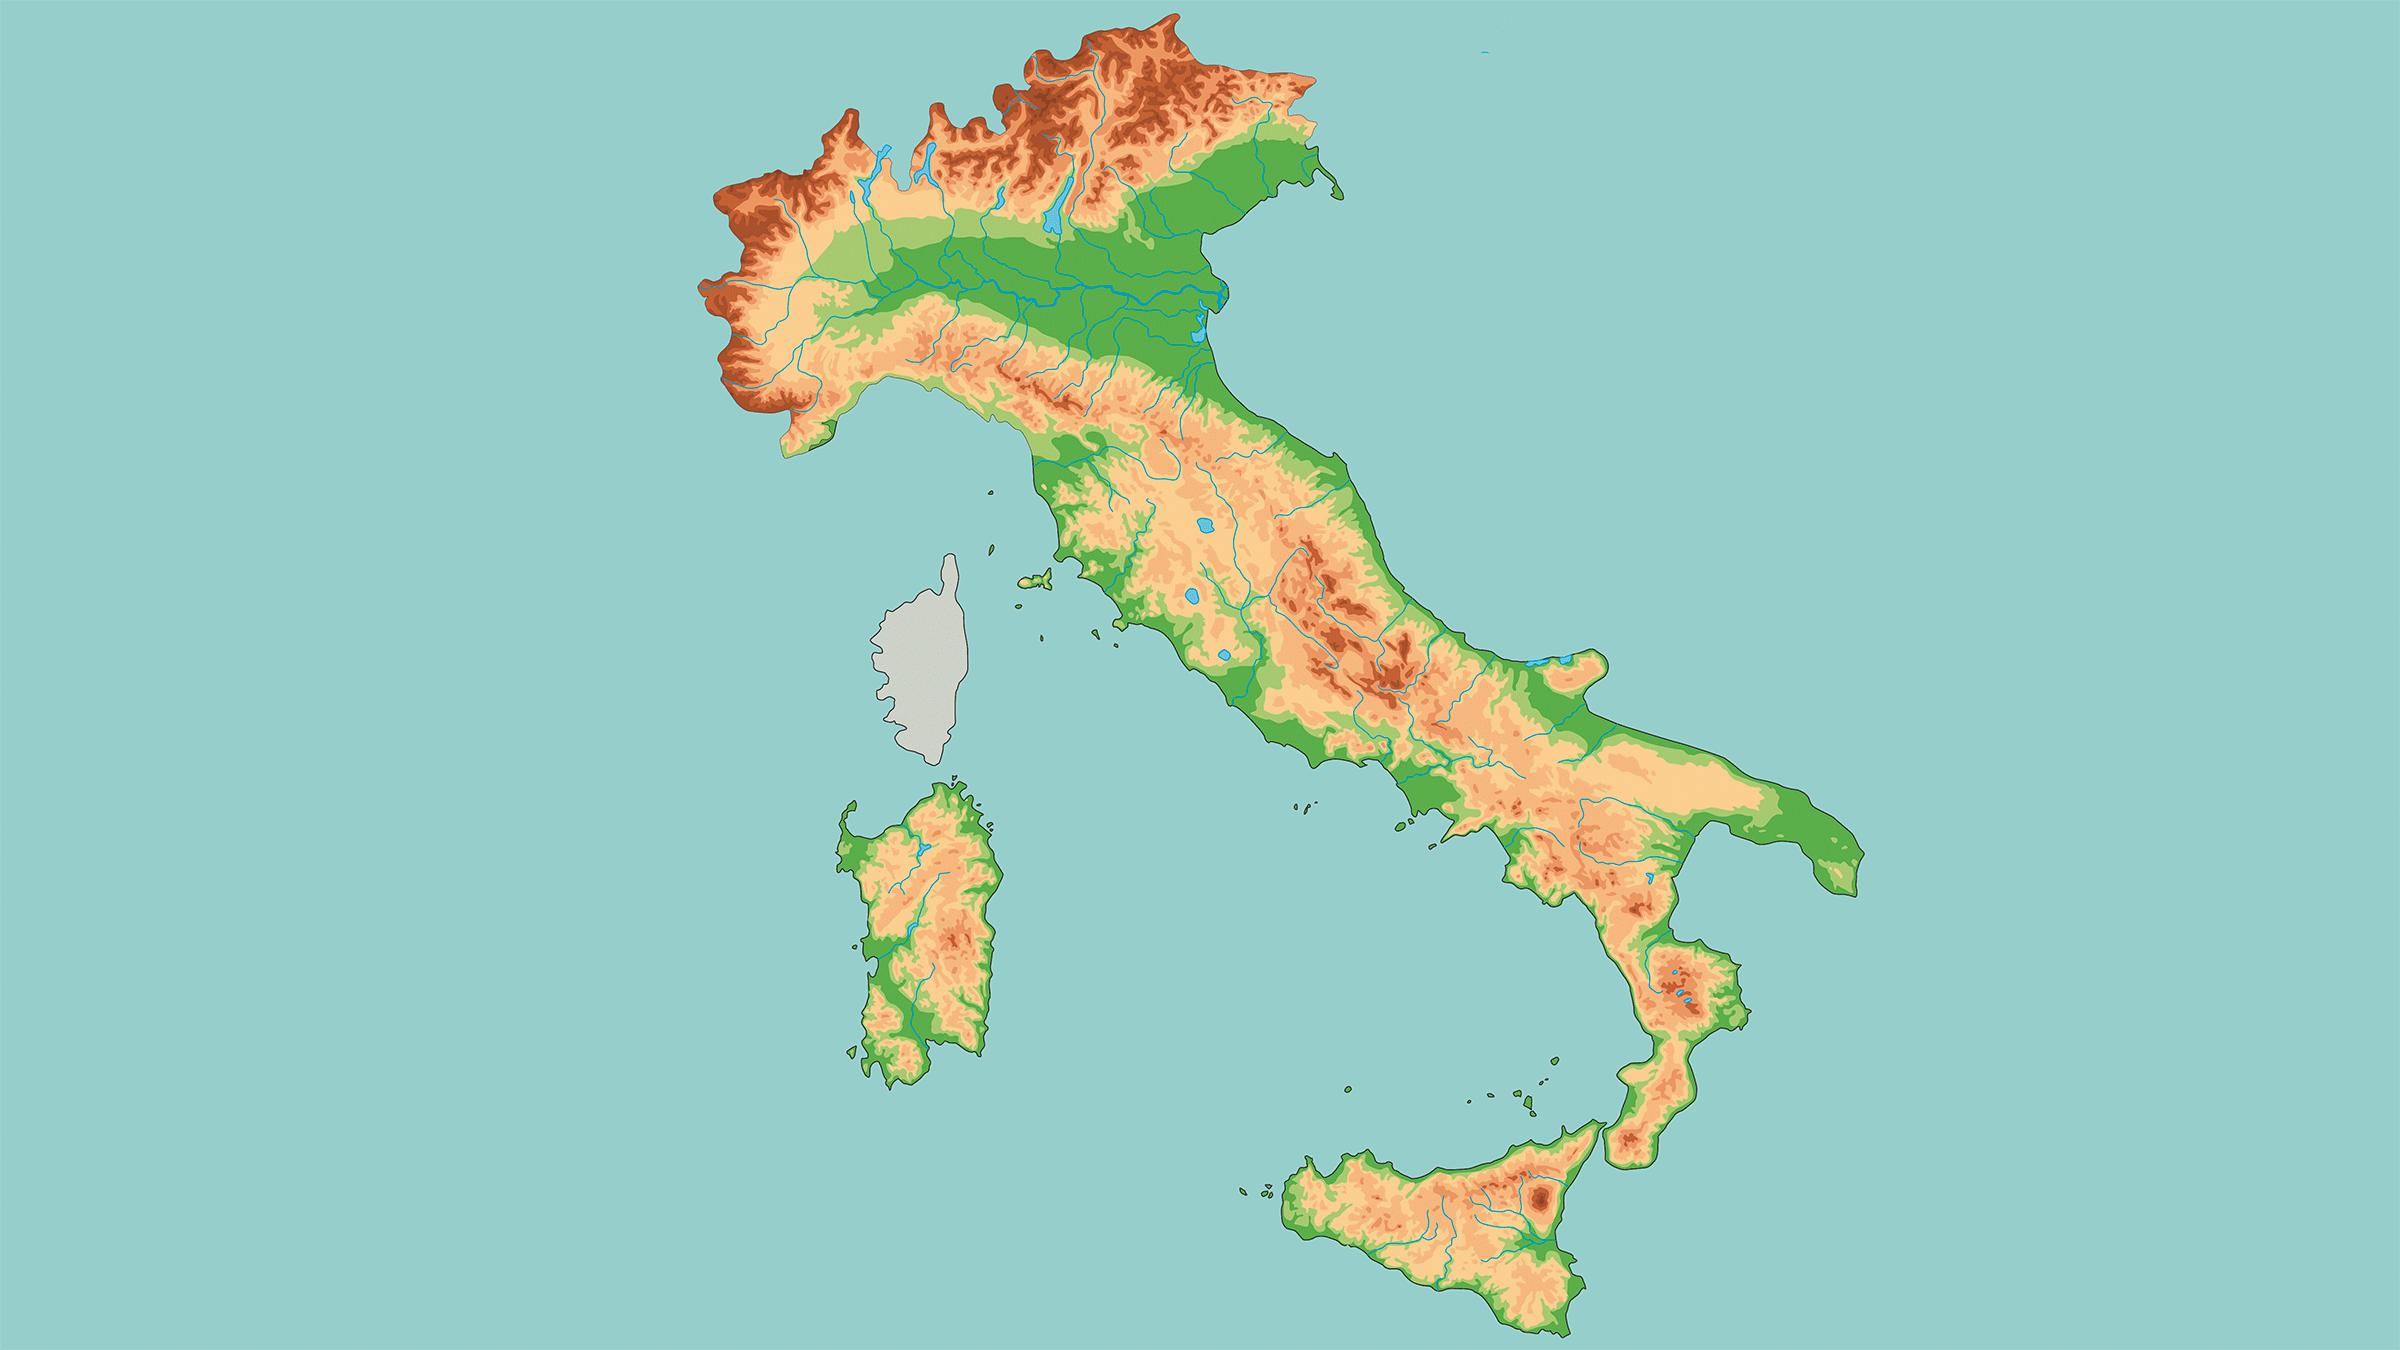 Mapa De Italia Fisico.Mapa Fisico Mudo De Italia